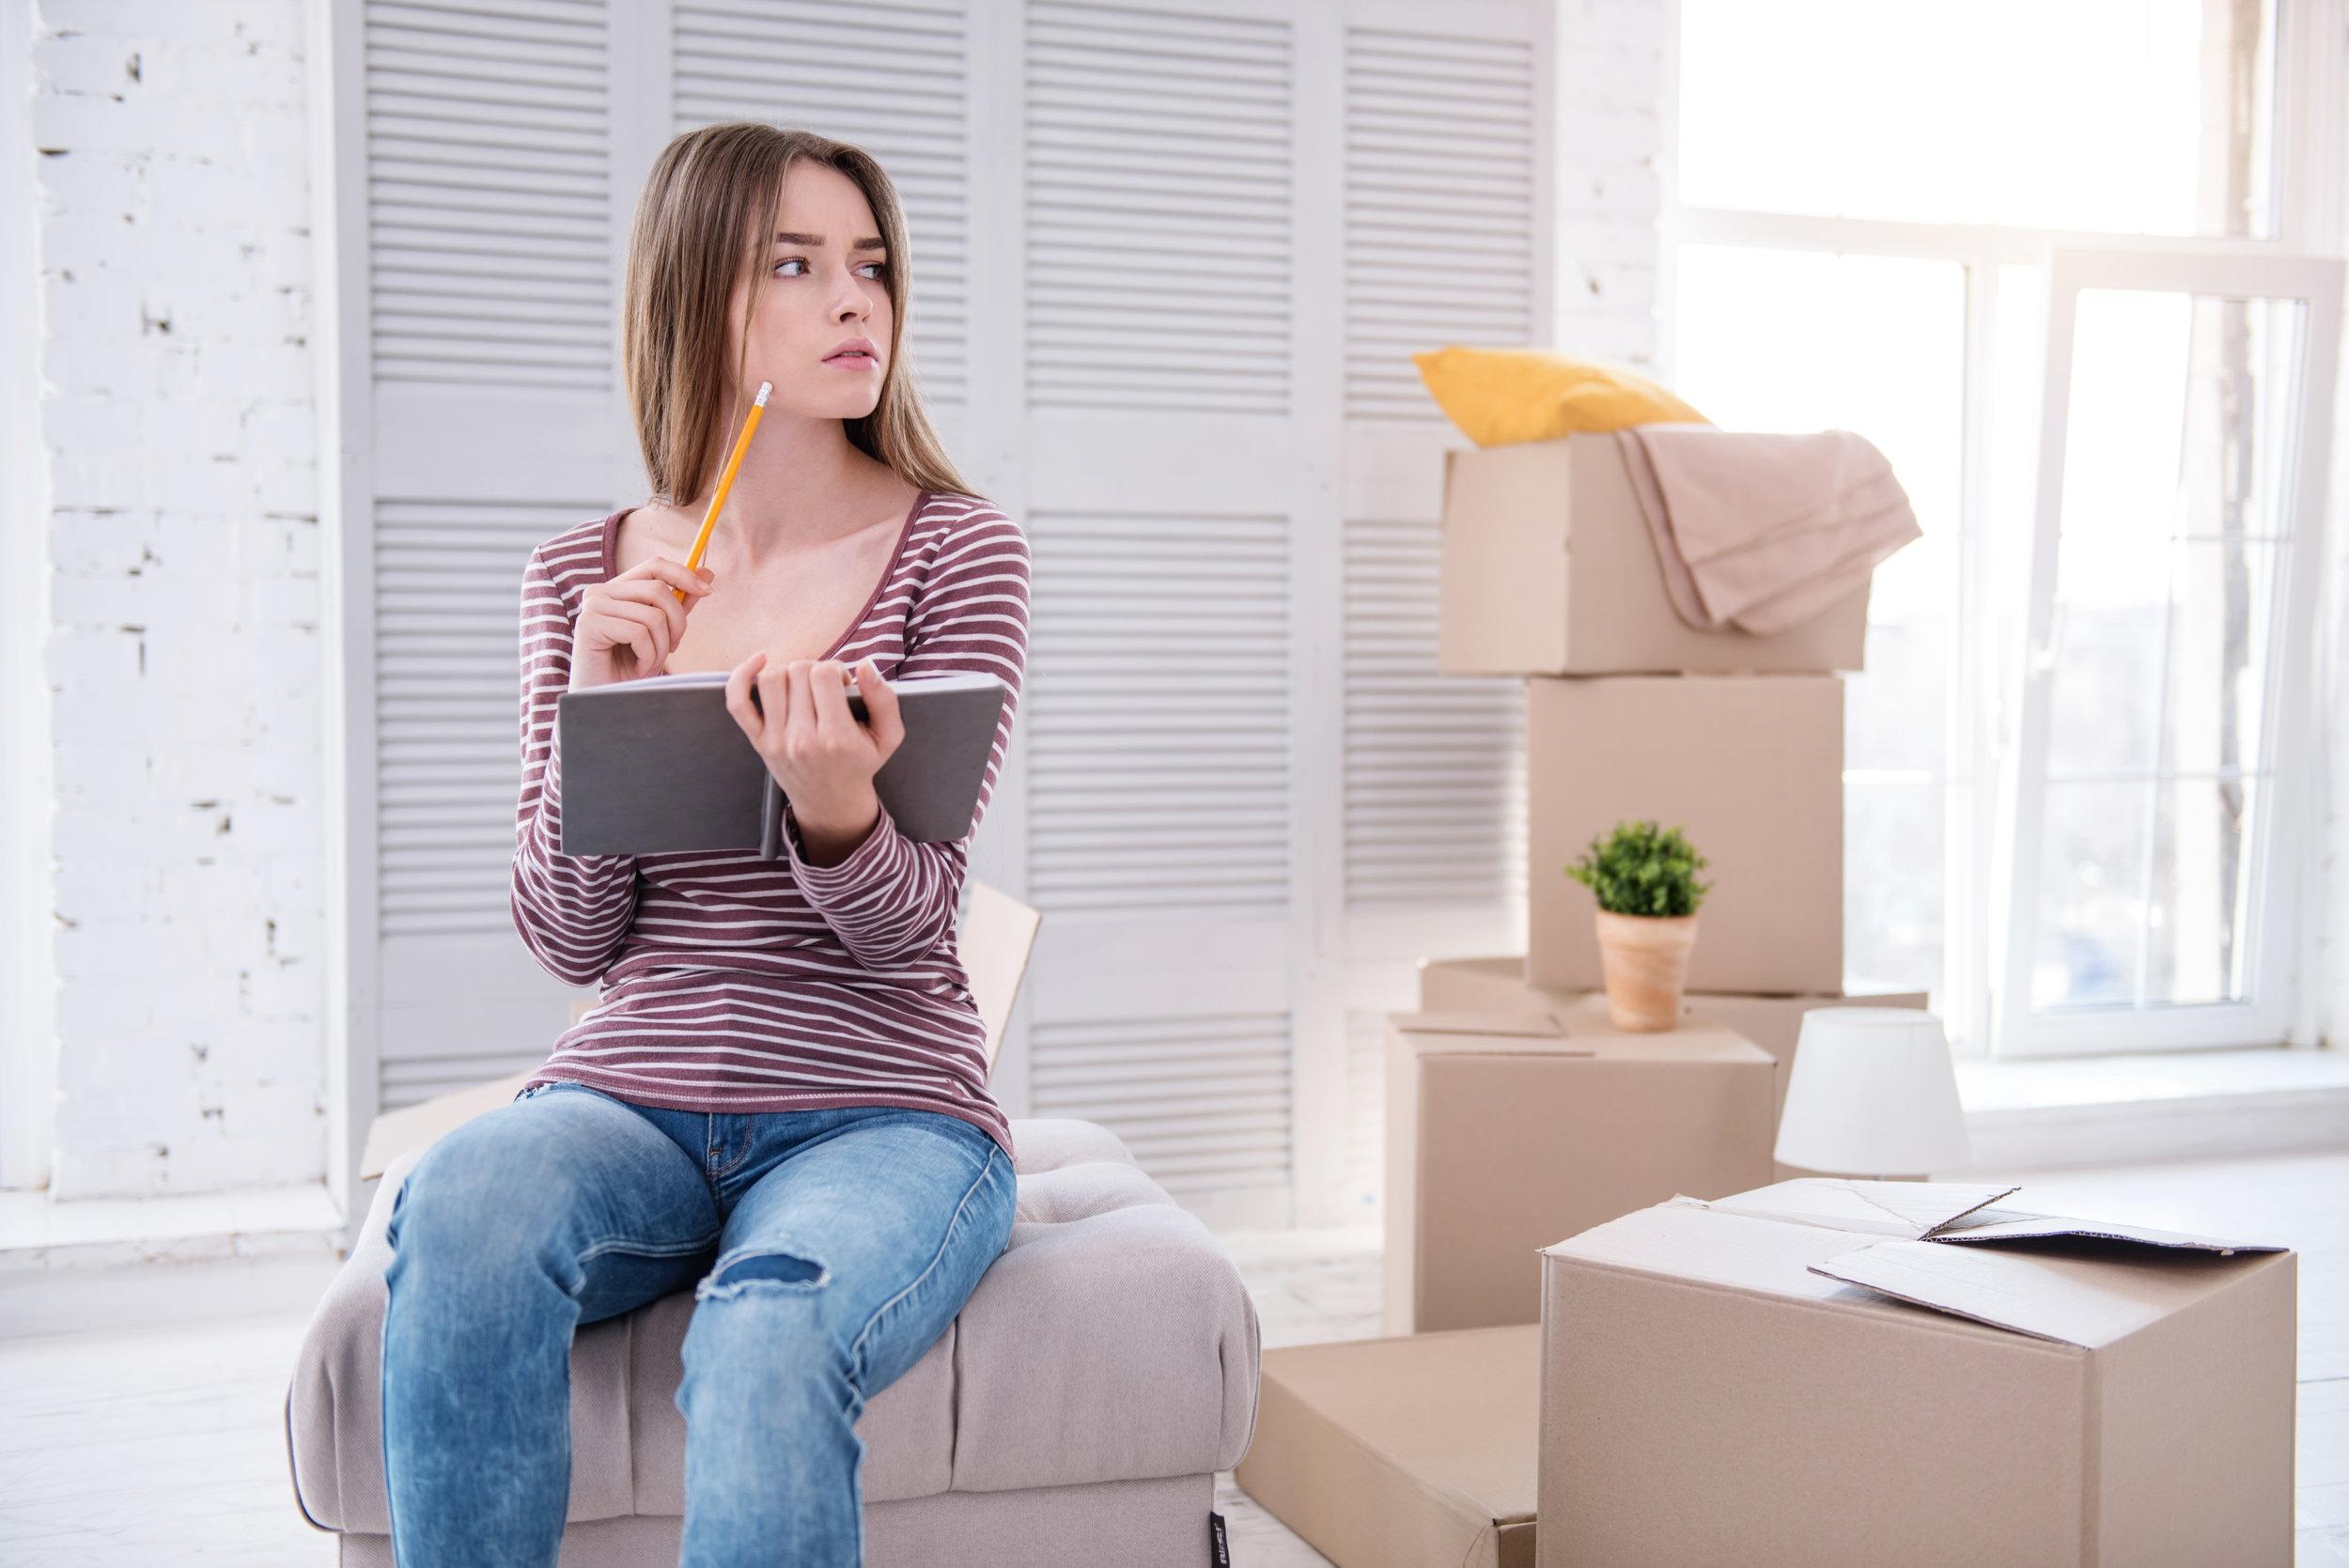 Een vrouw die op een stapel verhuisdozen zit en nadenkt over hoe ze haar adreswijziging moet doorgeven en aan wie.